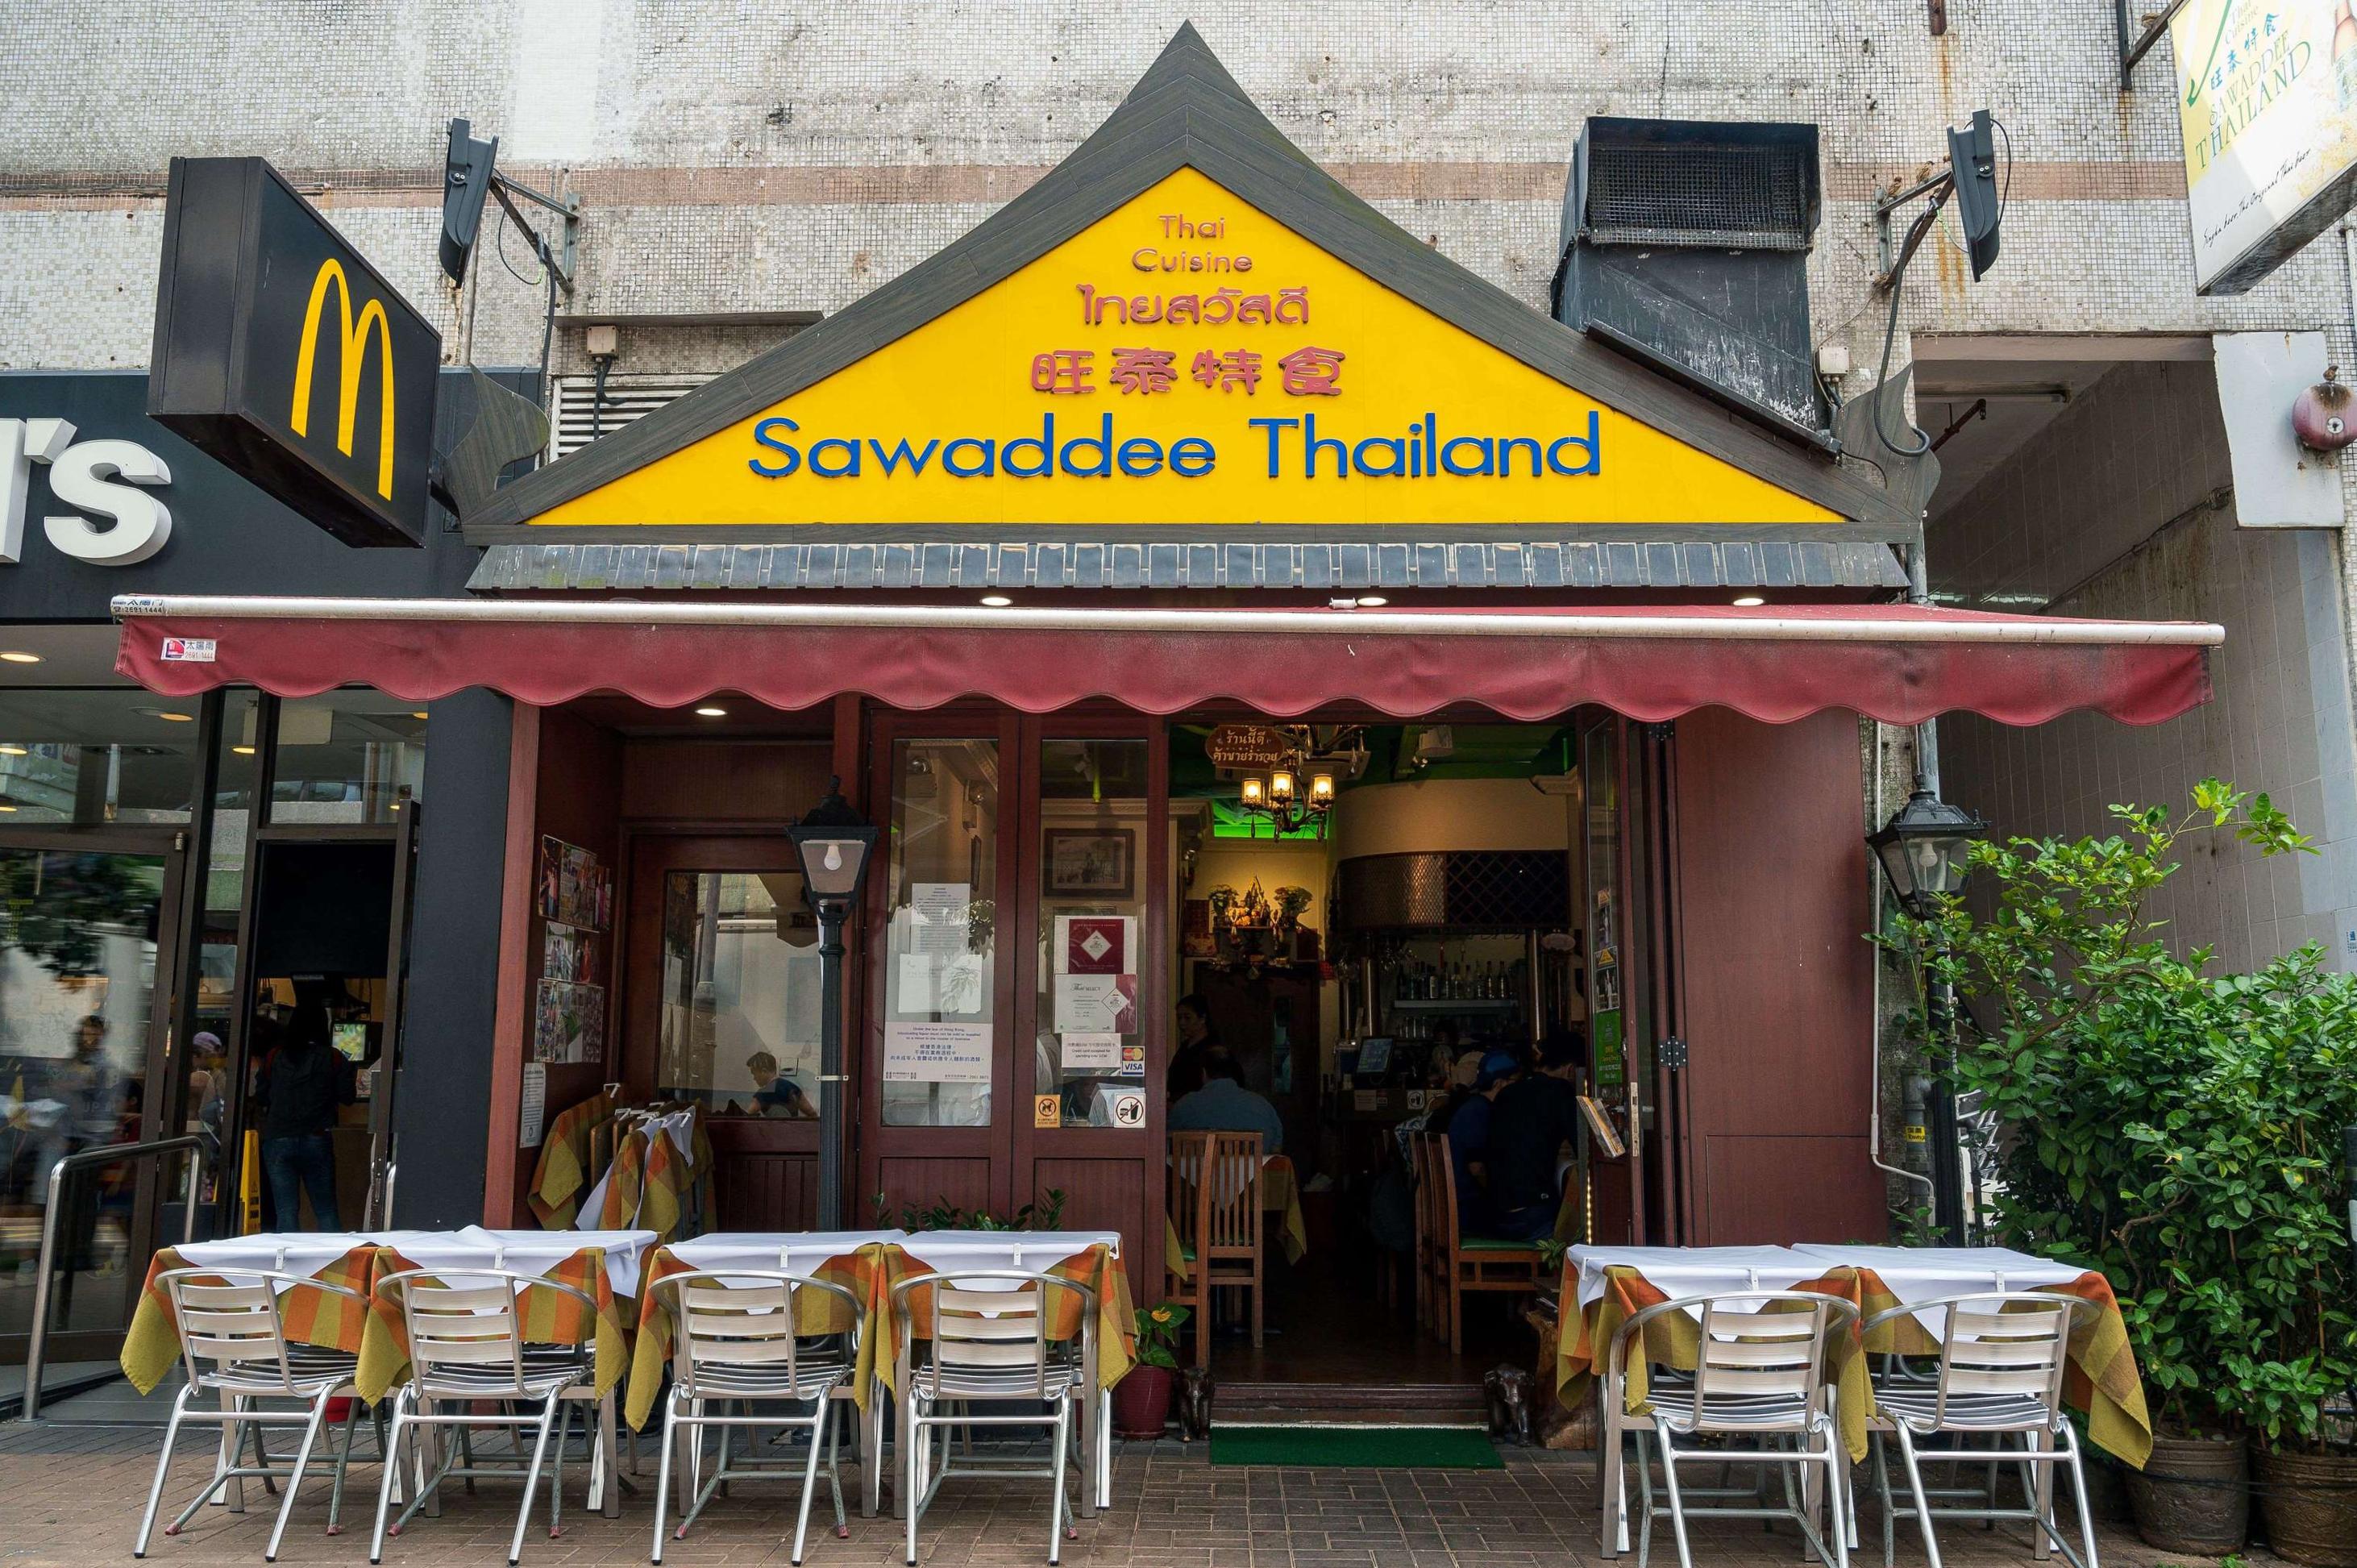 Sawadee Thailand